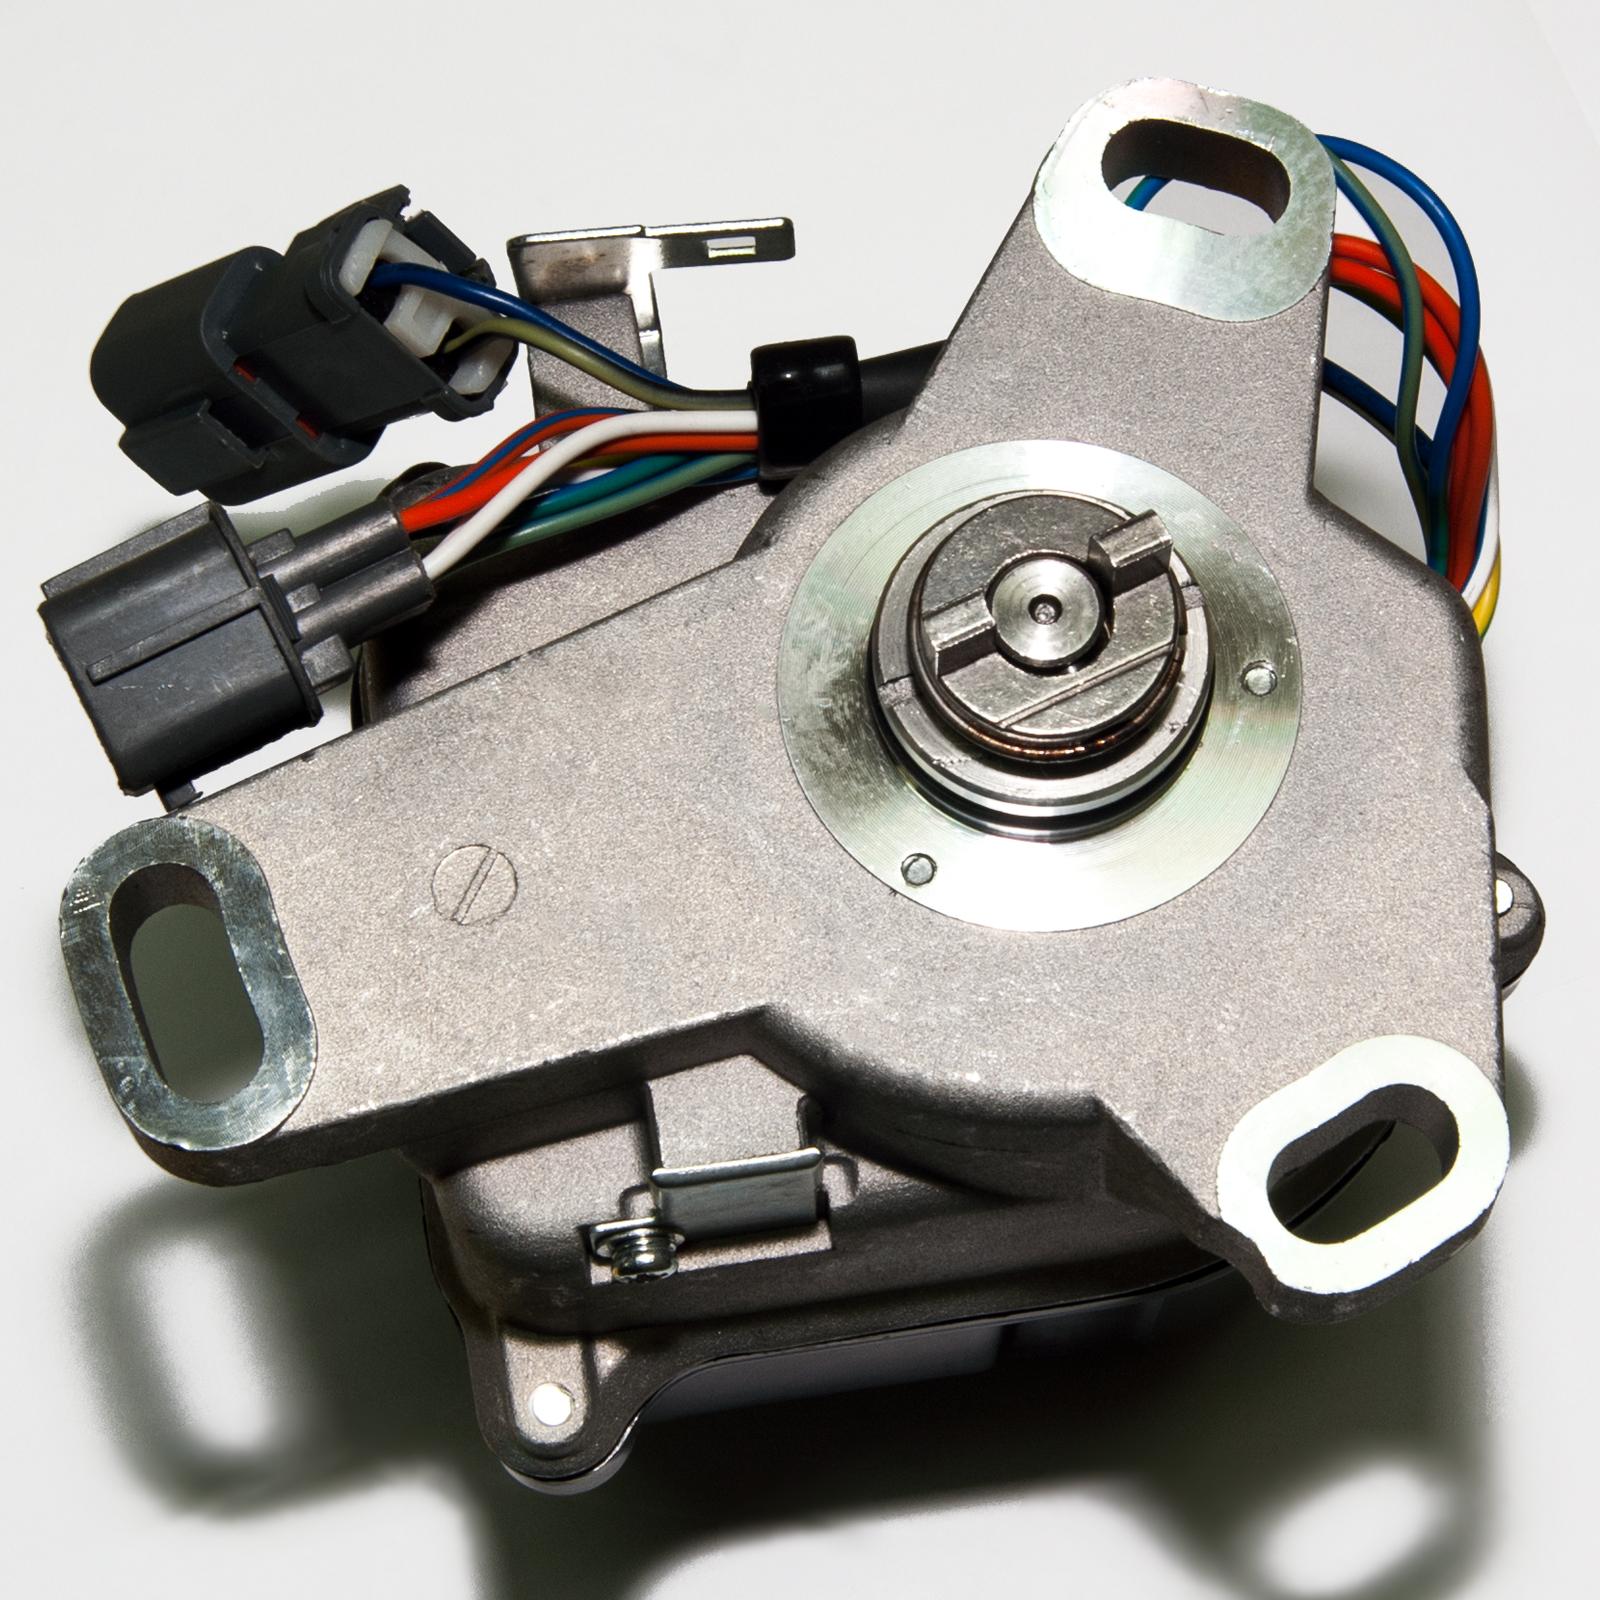 FIT IGNITION DISTRIBUTOR WIRING TD60U HONDA PRELUDE JDM H22 DOHC VTEC SENSOR